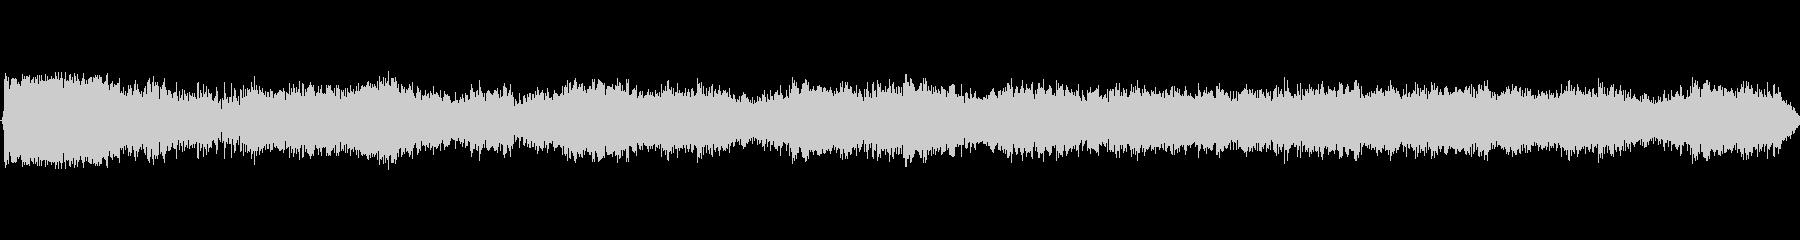 グラインダー、メタル2の未再生の波形